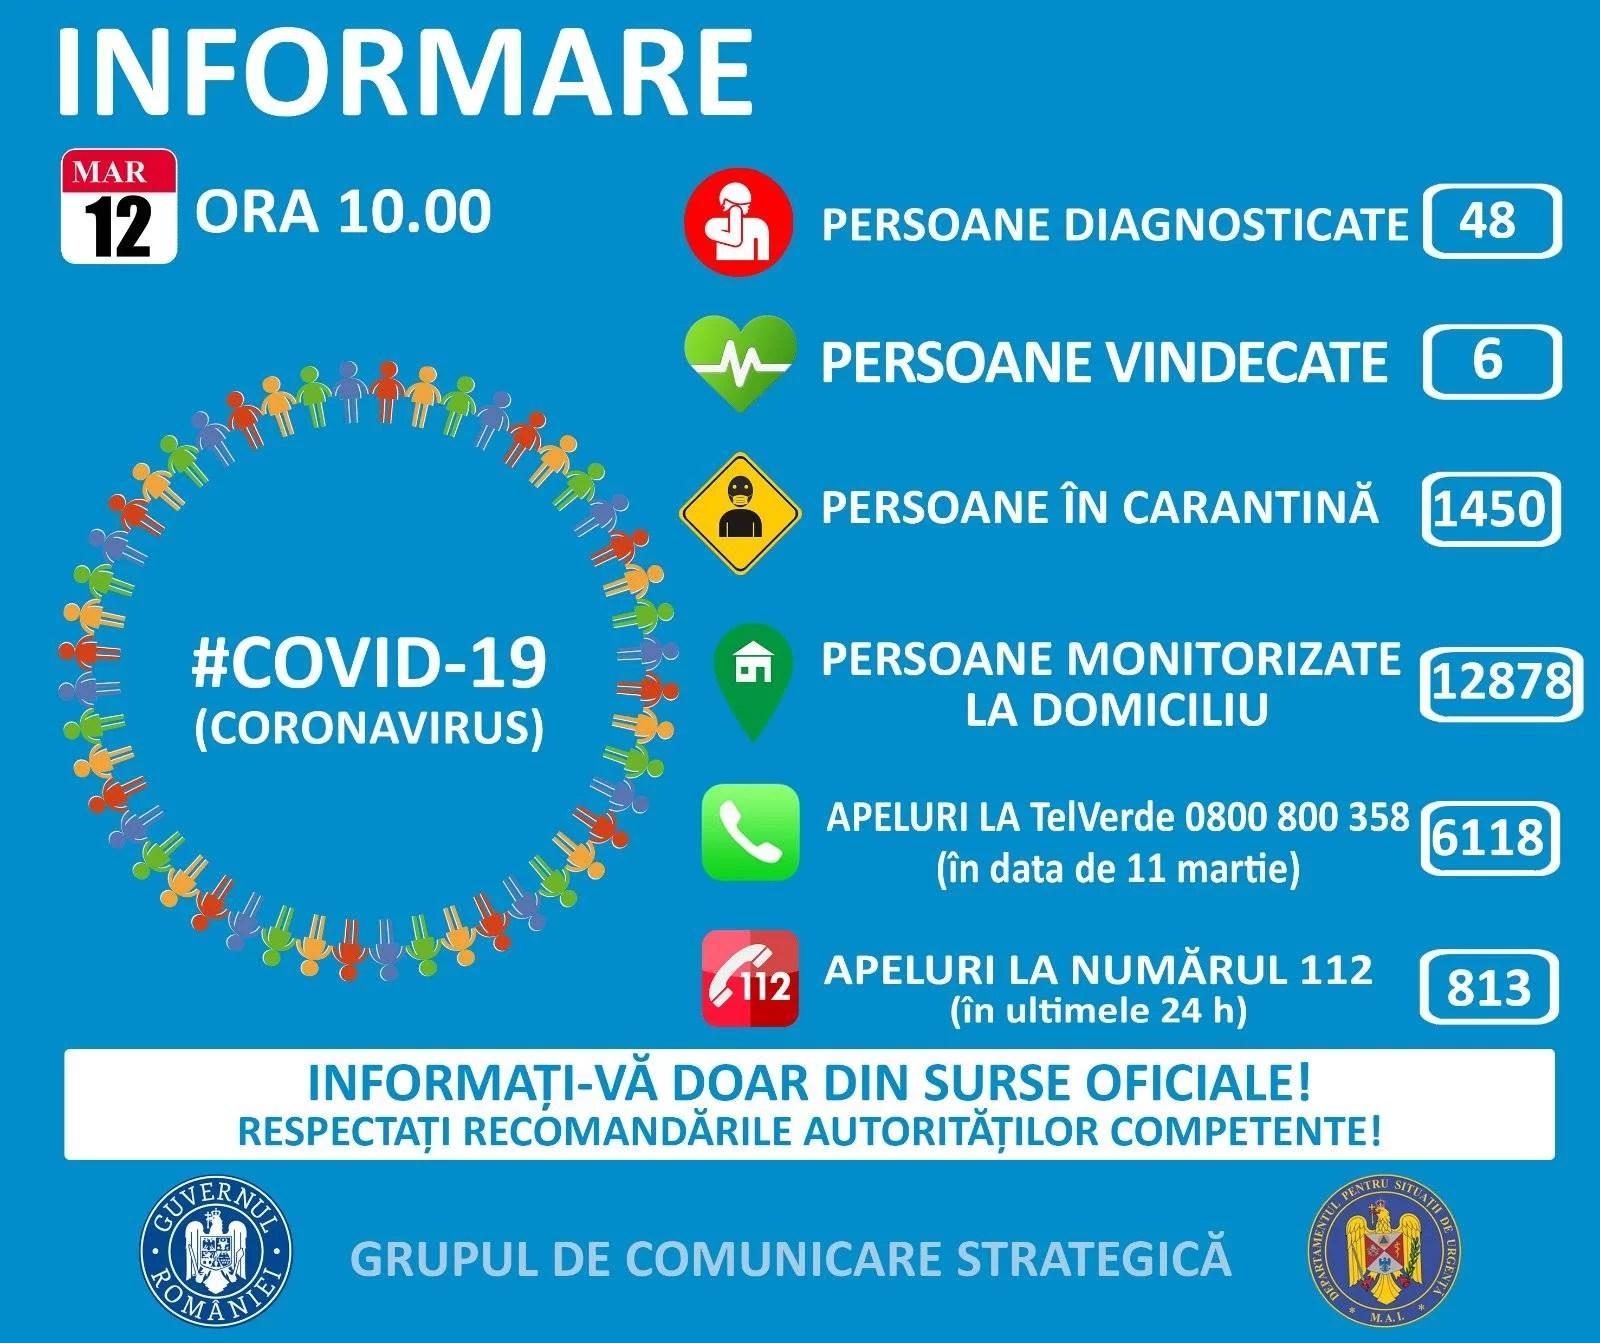 Situaţia infectării cu coronavirus Covid 19 în Prahova şi în ţară